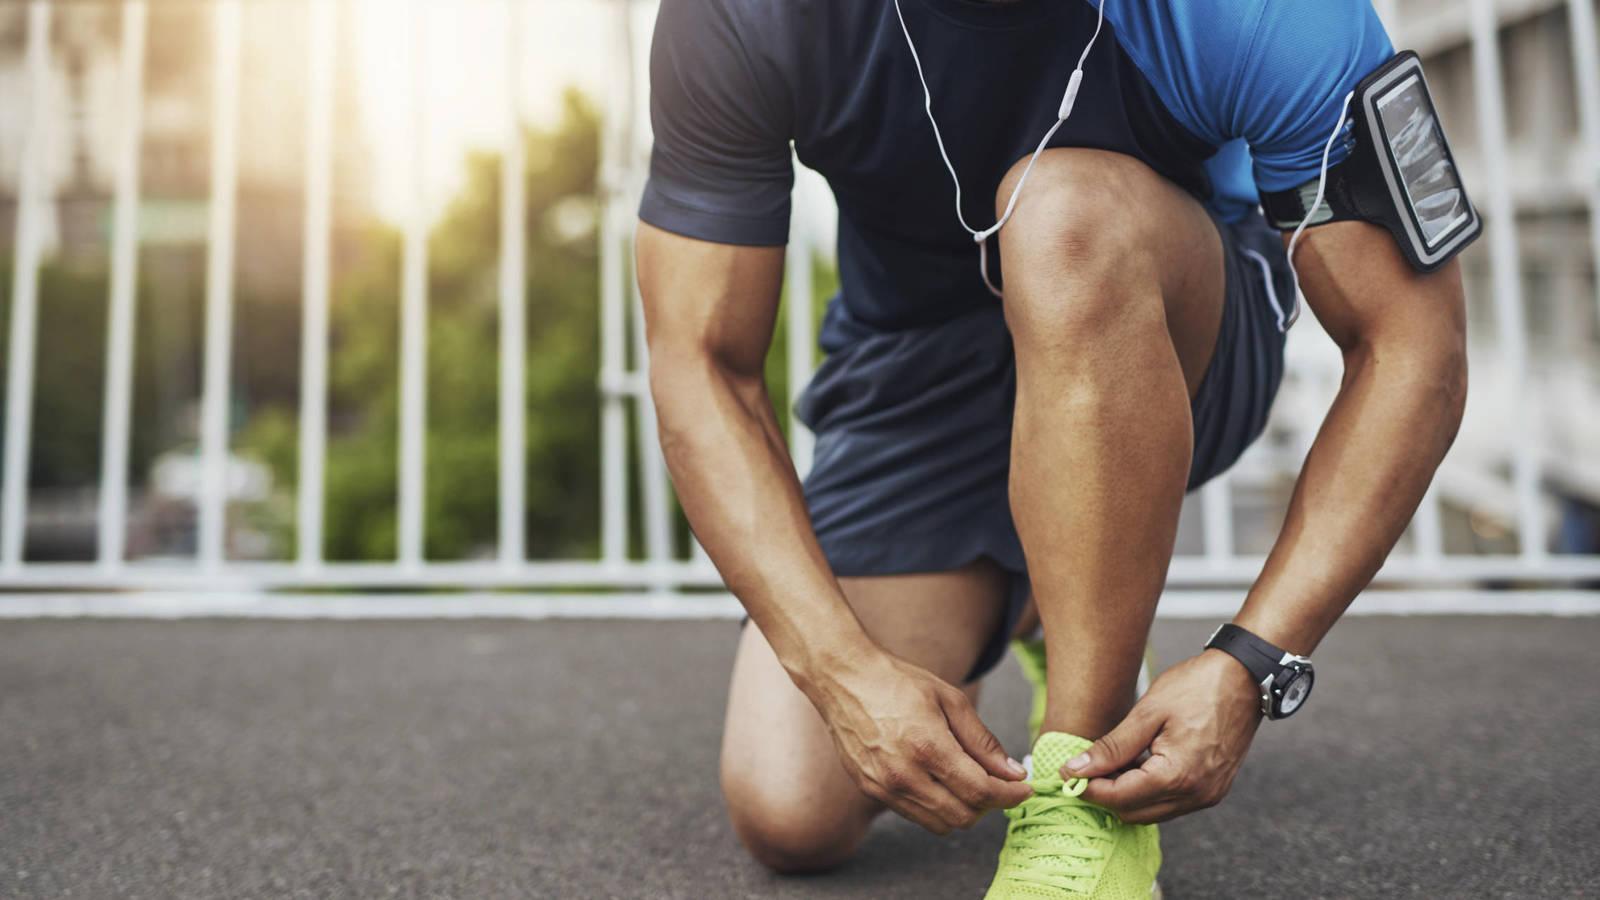 Reducir 300 calorías diarias mejora la salud incluso en personas delgadas